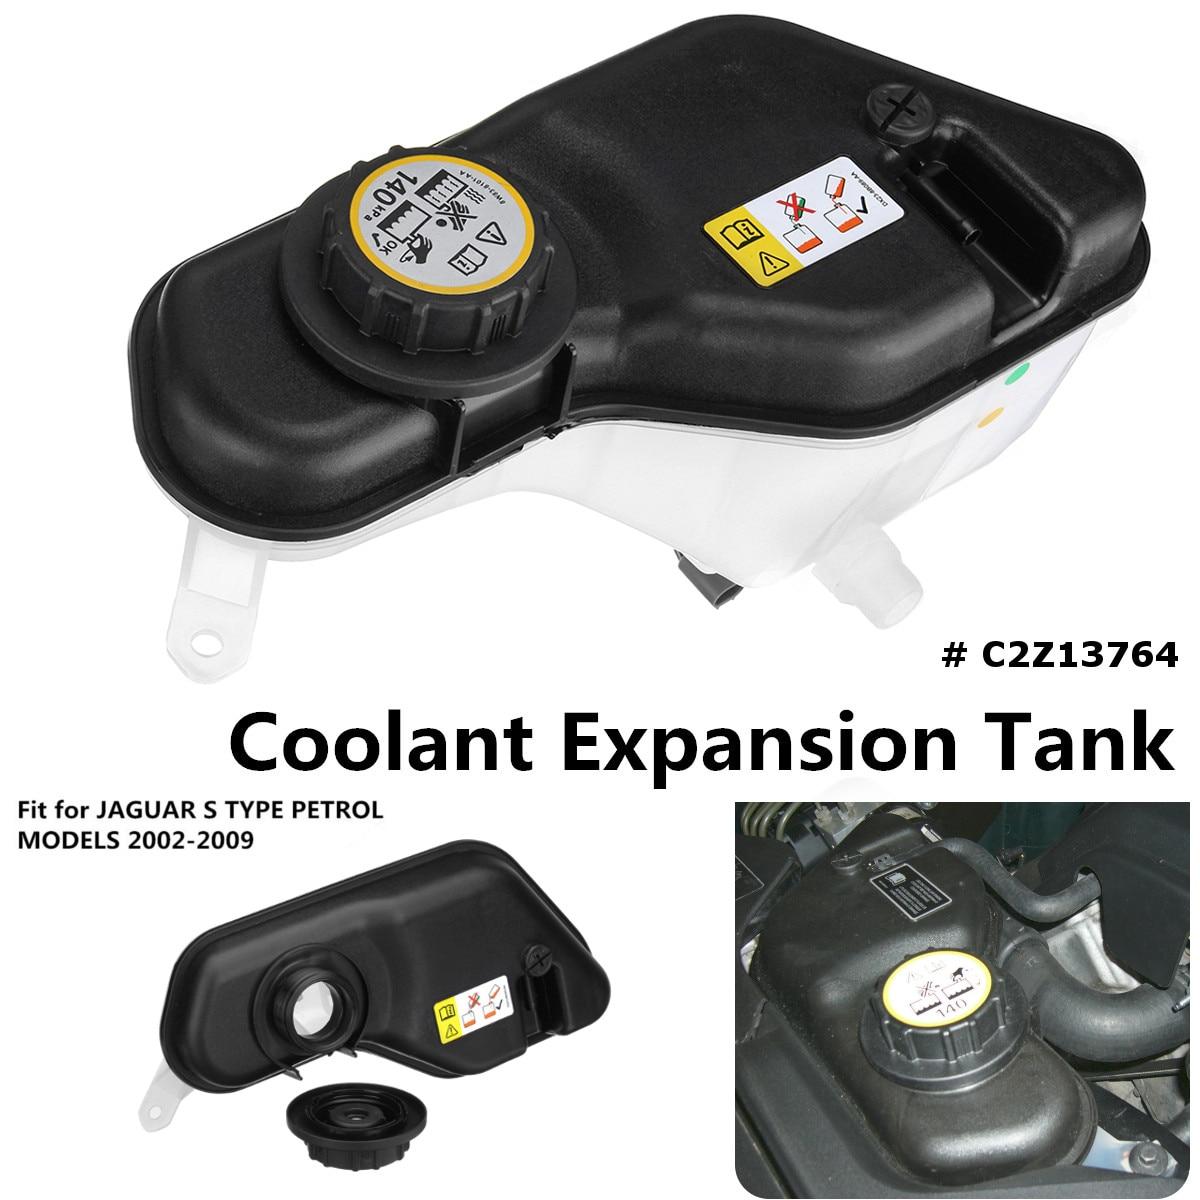 Expansion Coolant Tank With Sensor & Cap C2Z13764 For JAGUAR S TYPE 2002-2009 Petrol ModelsExpansion Coolant Tank With Sensor & Cap C2Z13764 For JAGUAR S TYPE 2002-2009 Petrol Models